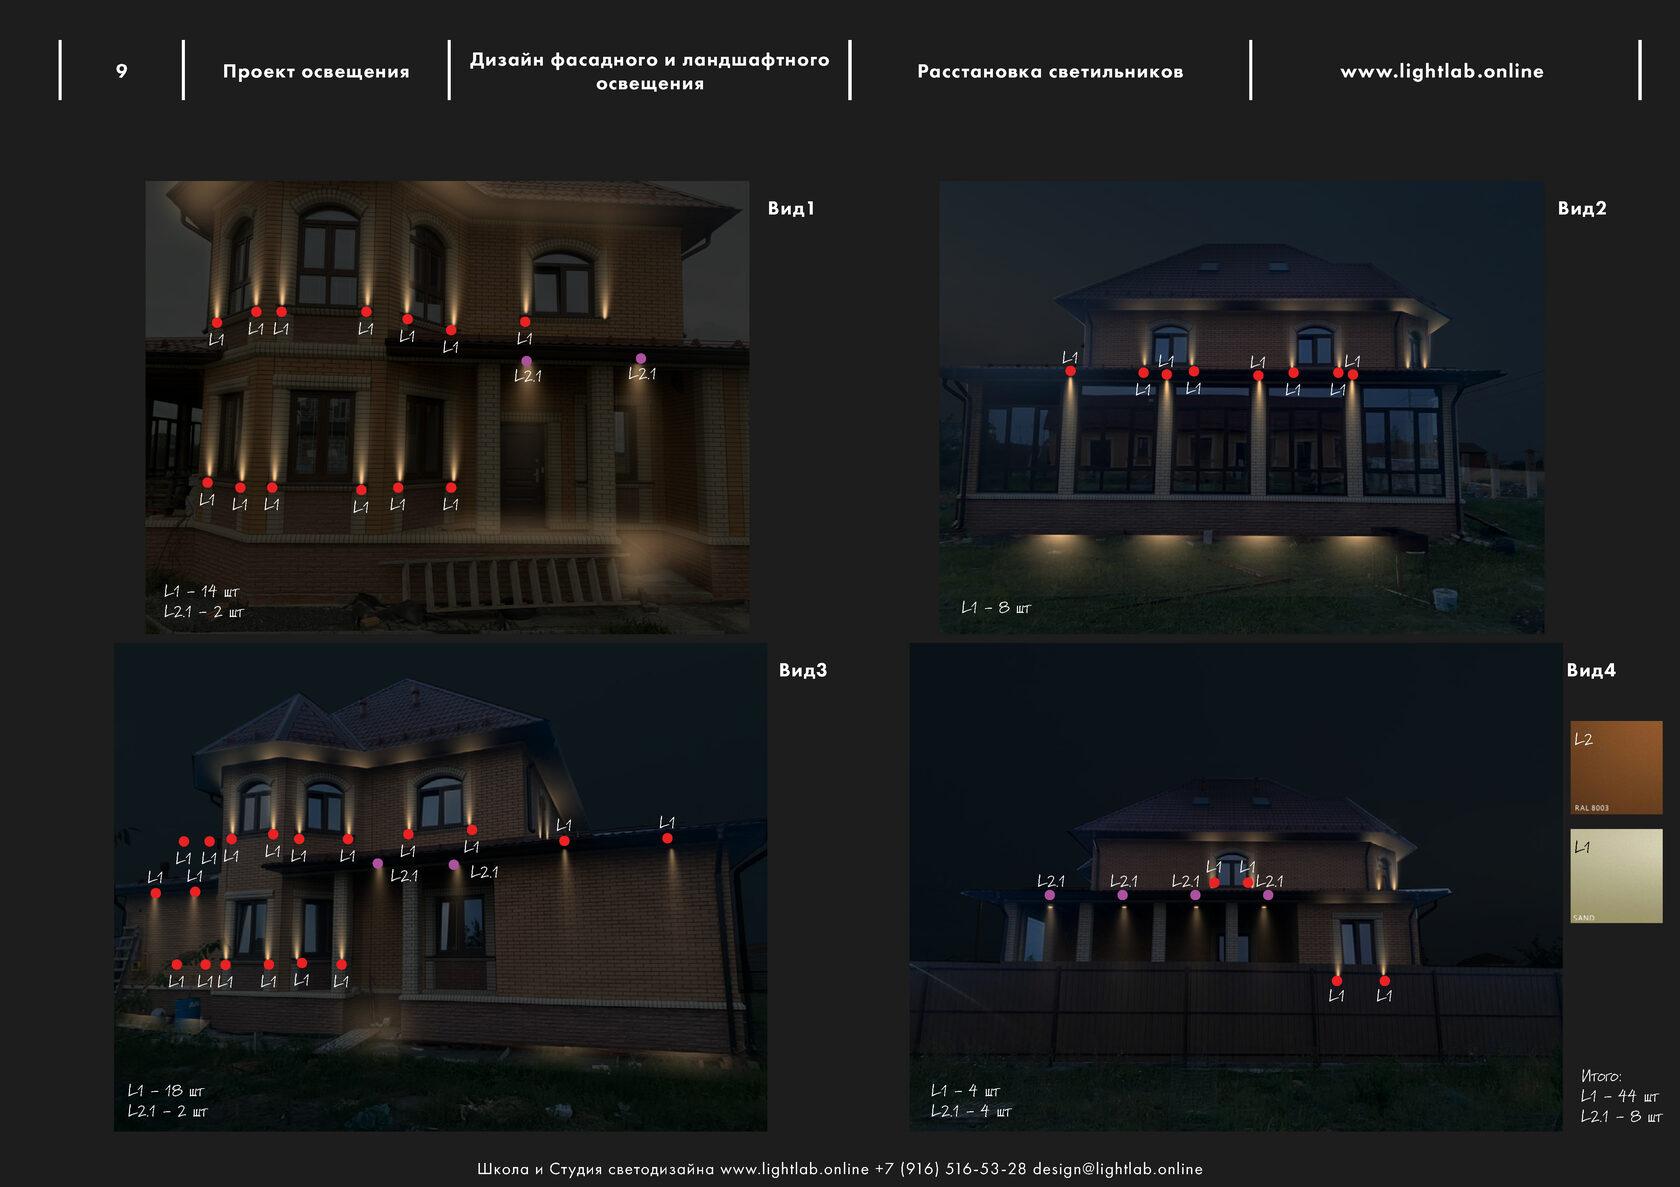 Визуализация освещения и расстановка светового оборудования на фасаде дома